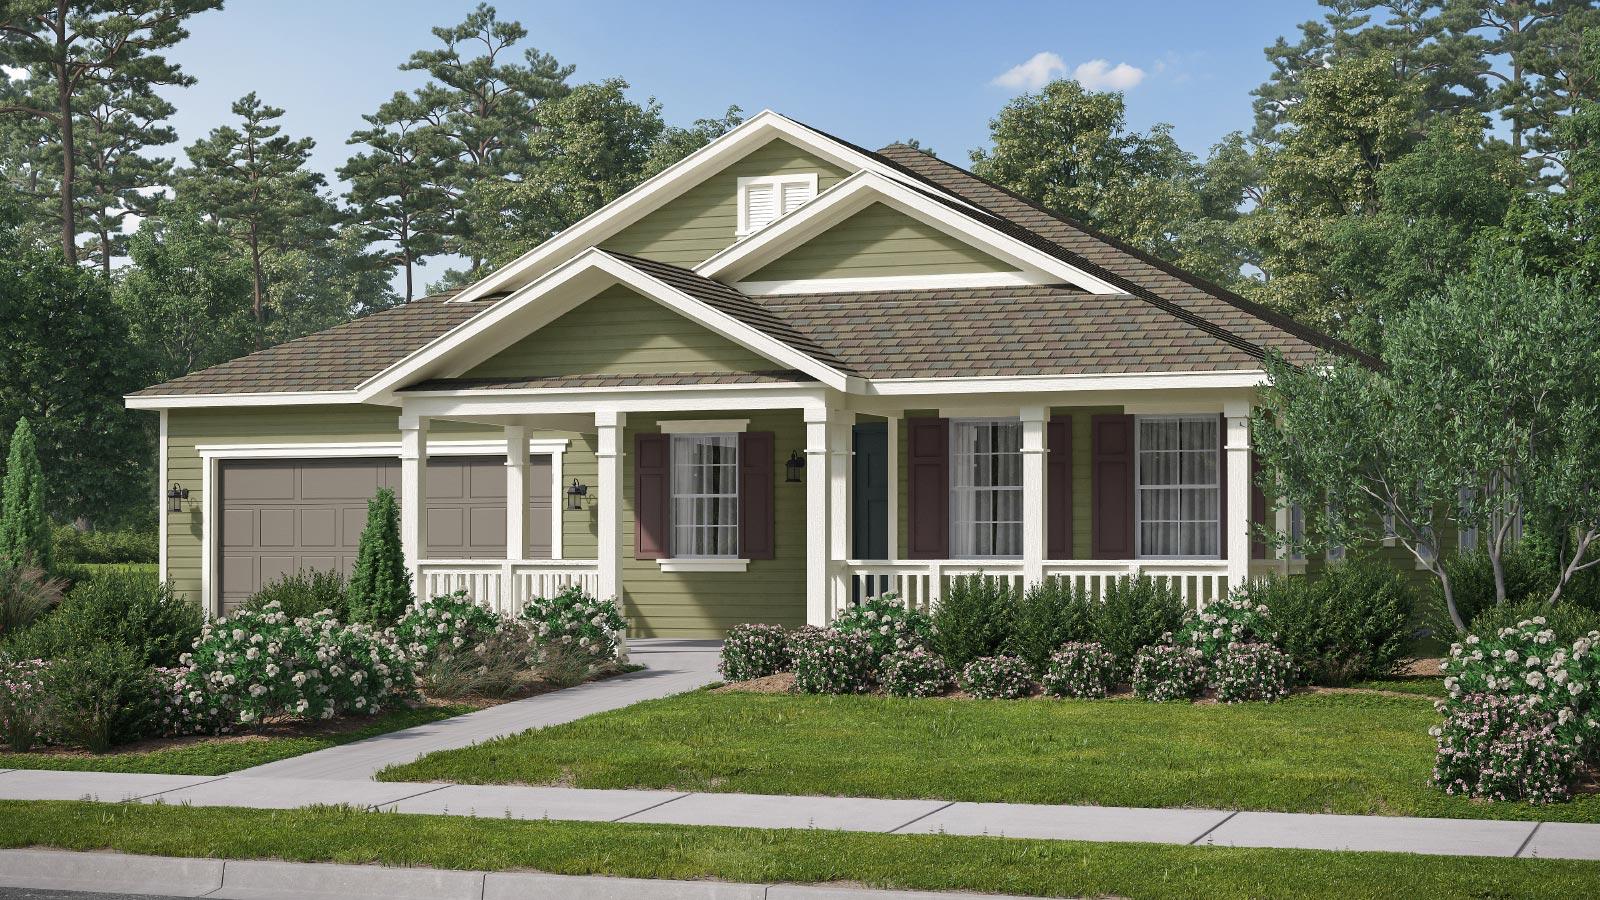 Residence 1E - Preliminary